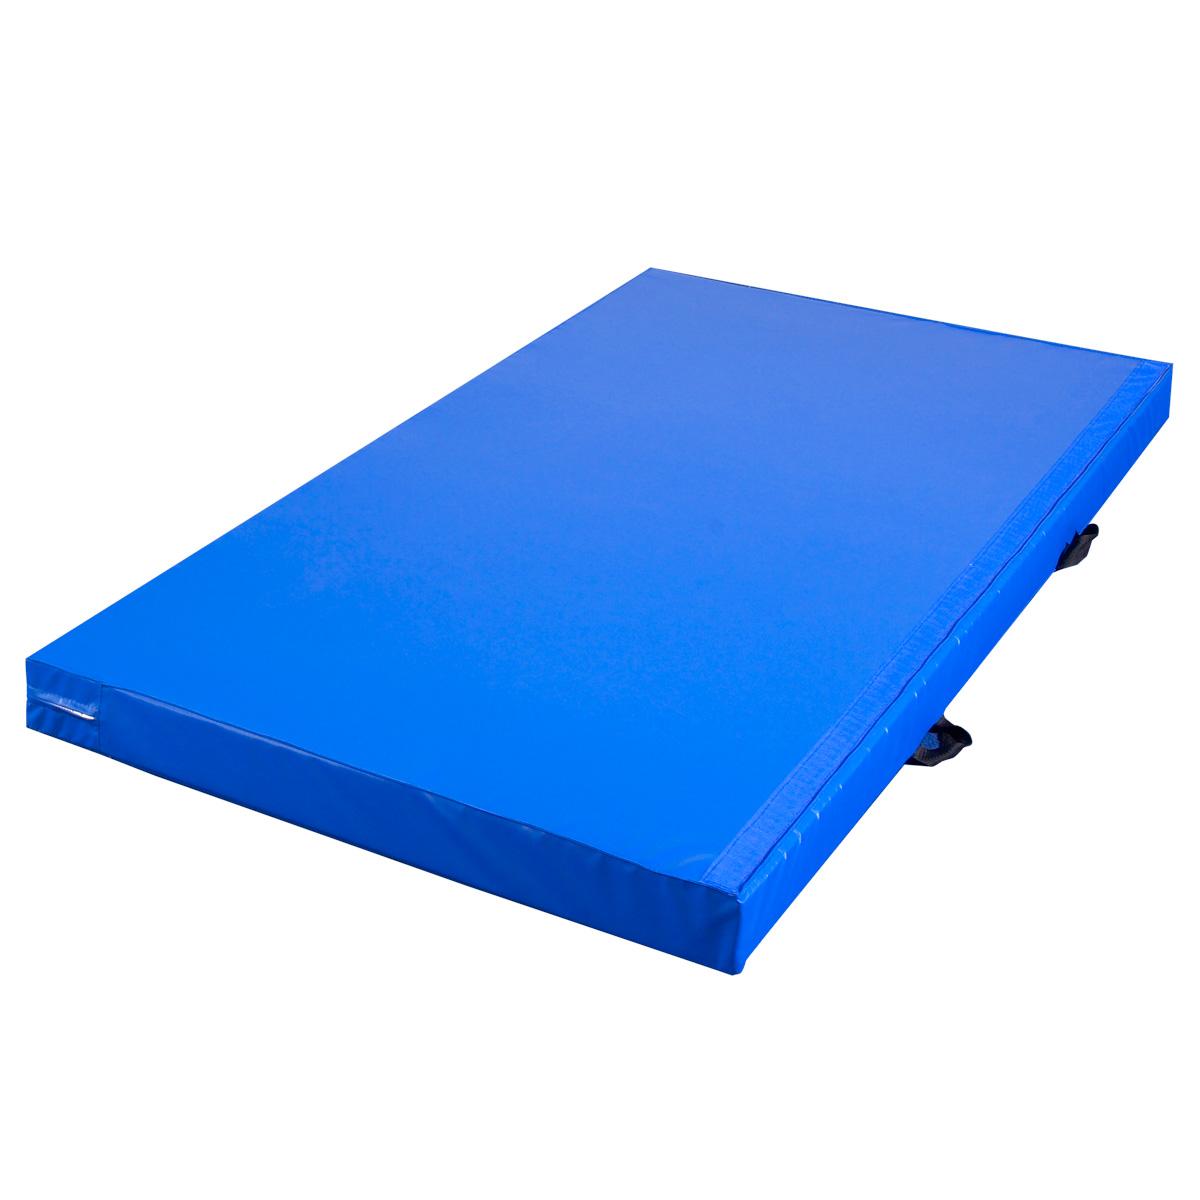 20 cm non-folding competition landing mat